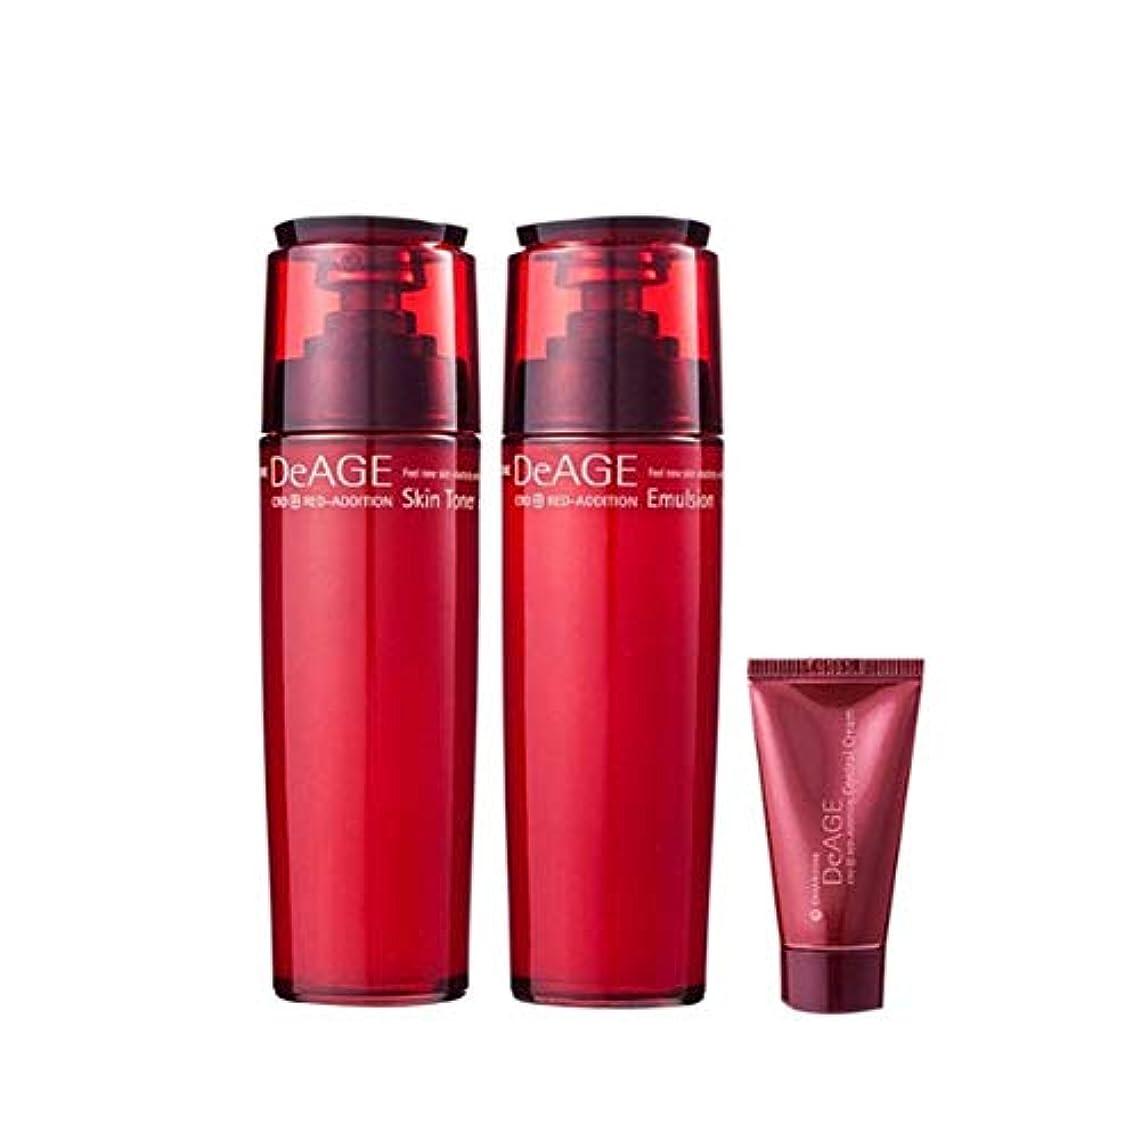 威信考慮十分チャムジョンディエイジレッドエディションセット(スキントナー130ml、エマルジョン130ml、コントロールクリーム15ml)、Charmzone DeAGE Red Addition Set(Skin Toner 130ml、Emulsion 130ml、Control Cream 15ml) [並行輸入品]